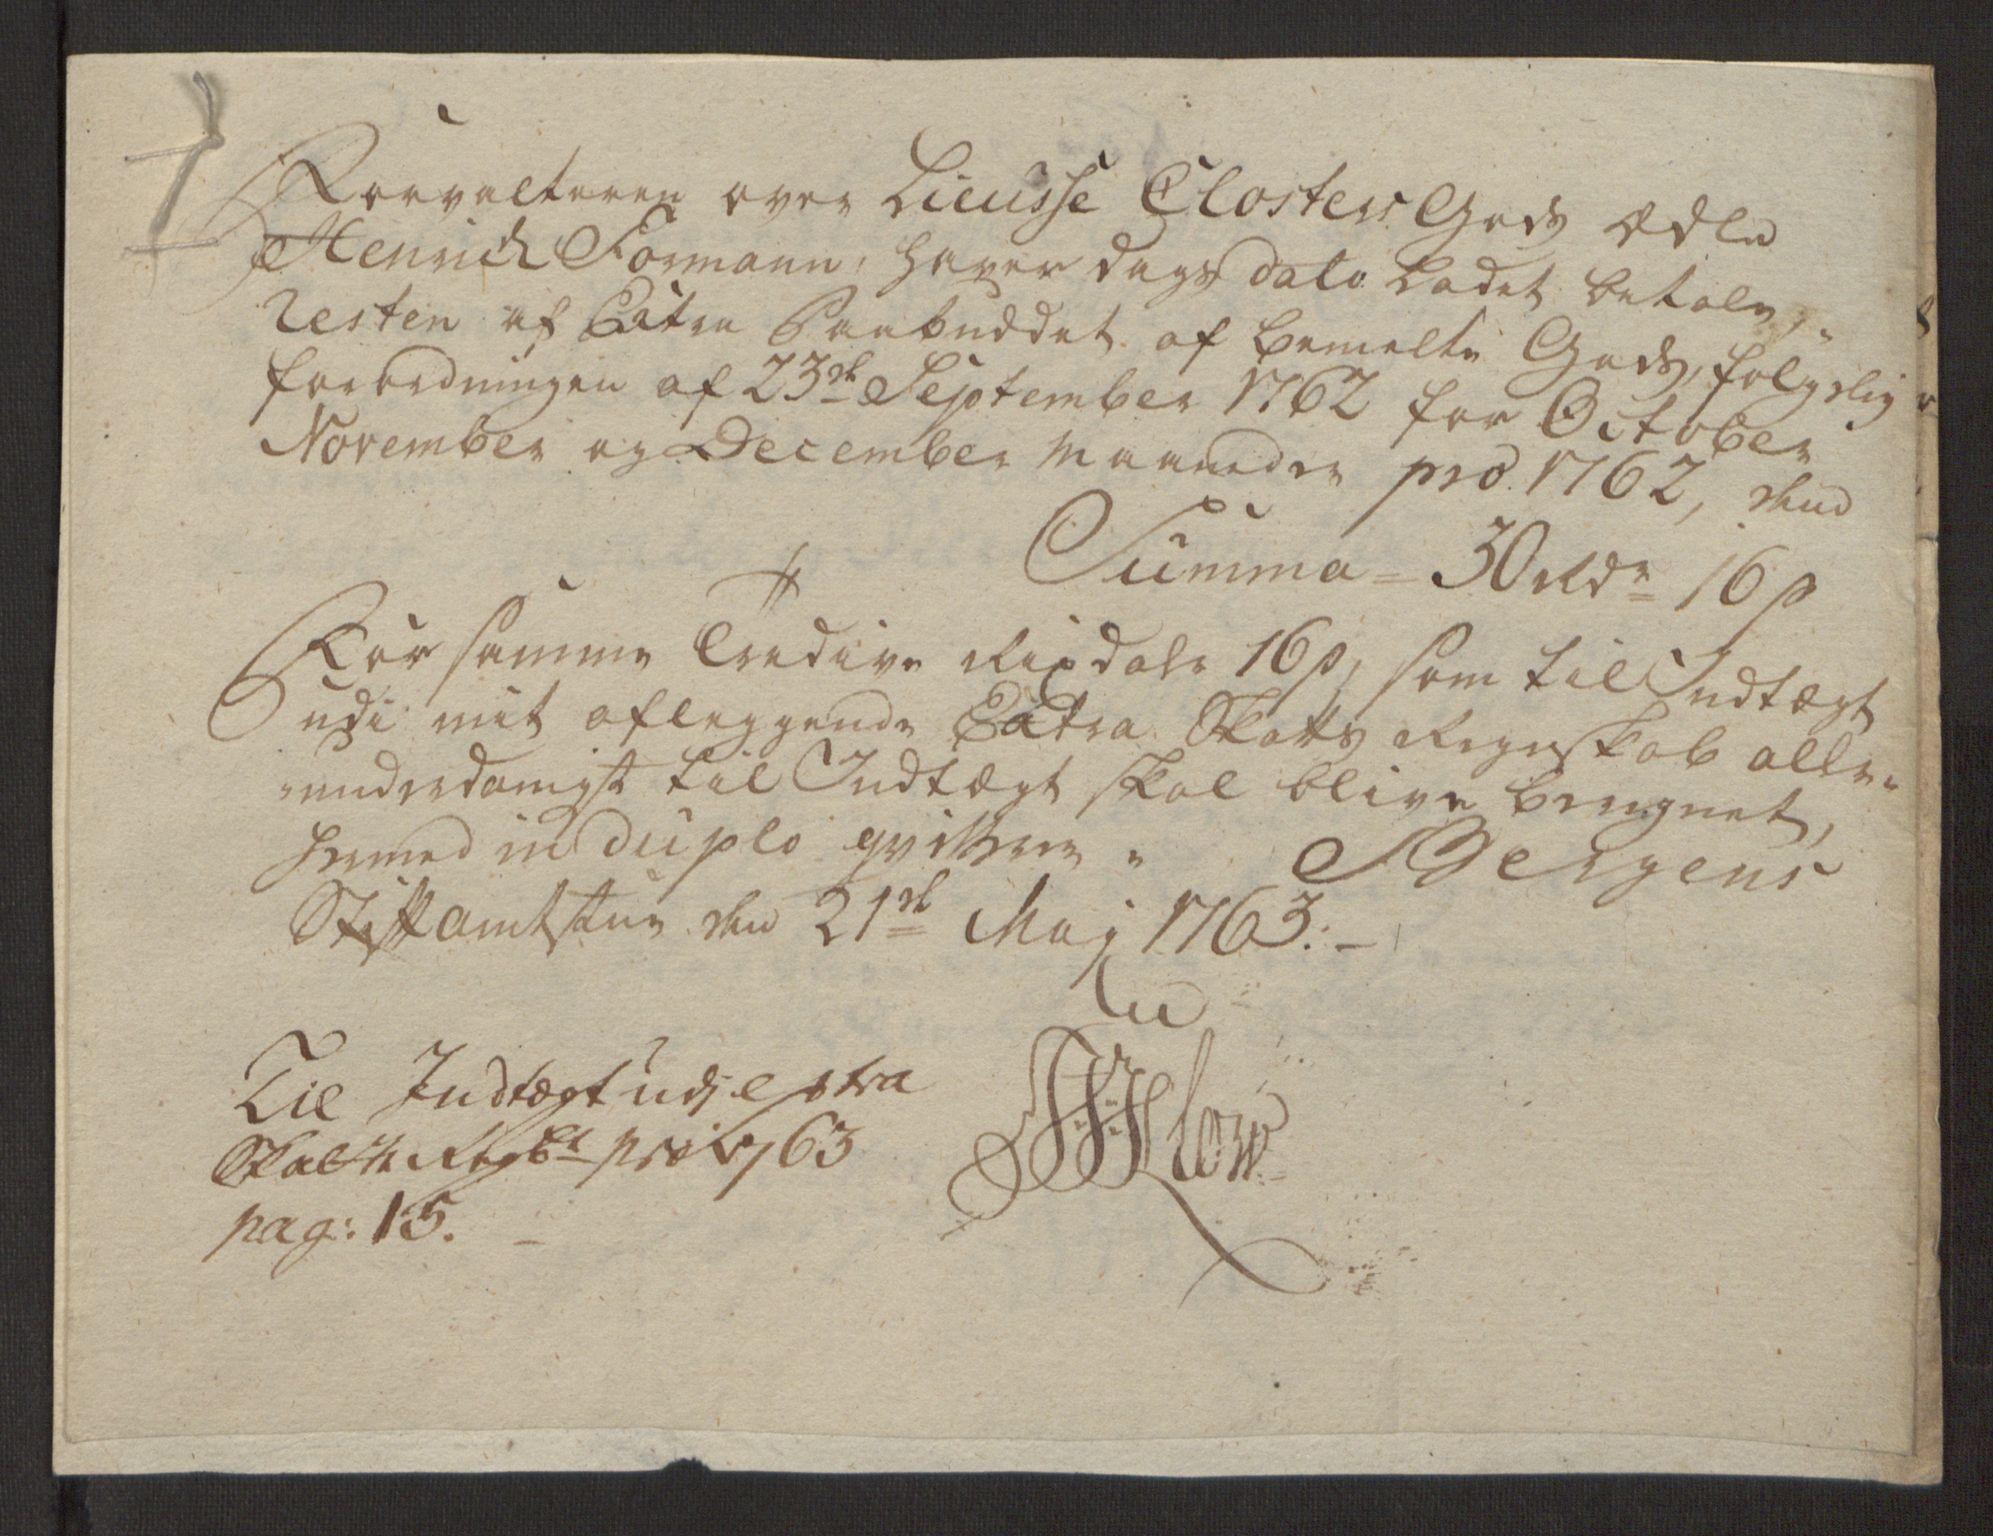 RA, Rentekammeret inntil 1814, Reviderte regnskaper, Fogderegnskap, R50/L3180: Ekstraskatten Lyse kloster, 1762-1783, s. 50